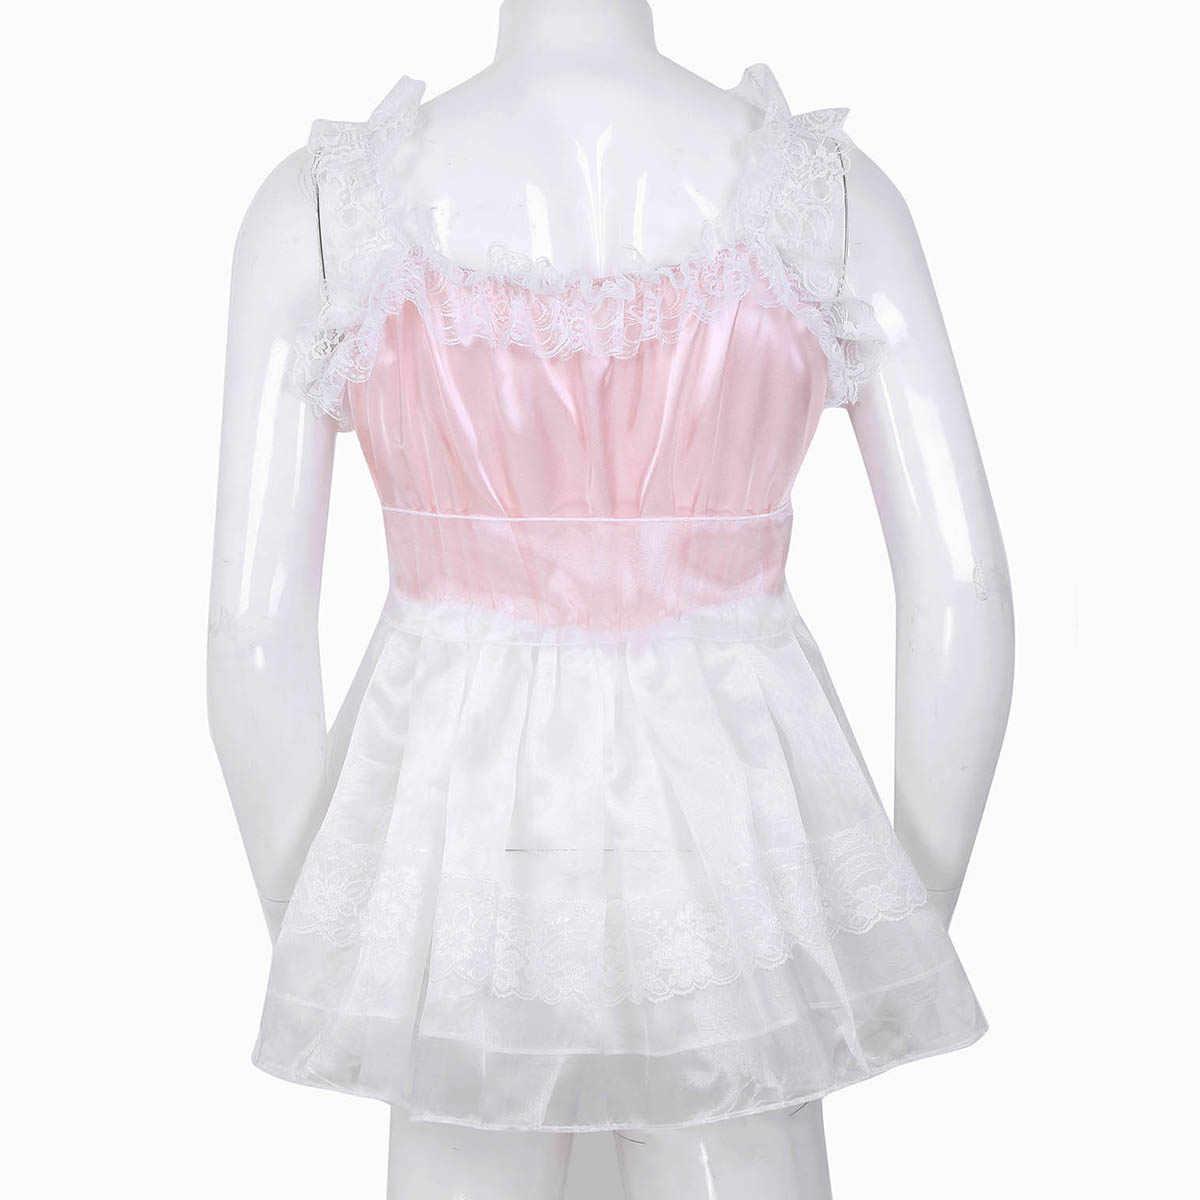 Người Lớn Bé Nam Ẻo Lả Babydoll Túi Đeo Chéo Nữ Xù Ren Đầm Voan Với Dây Lưng Đồng Tính Nam Clubwear Trang Phục Hóa Trang